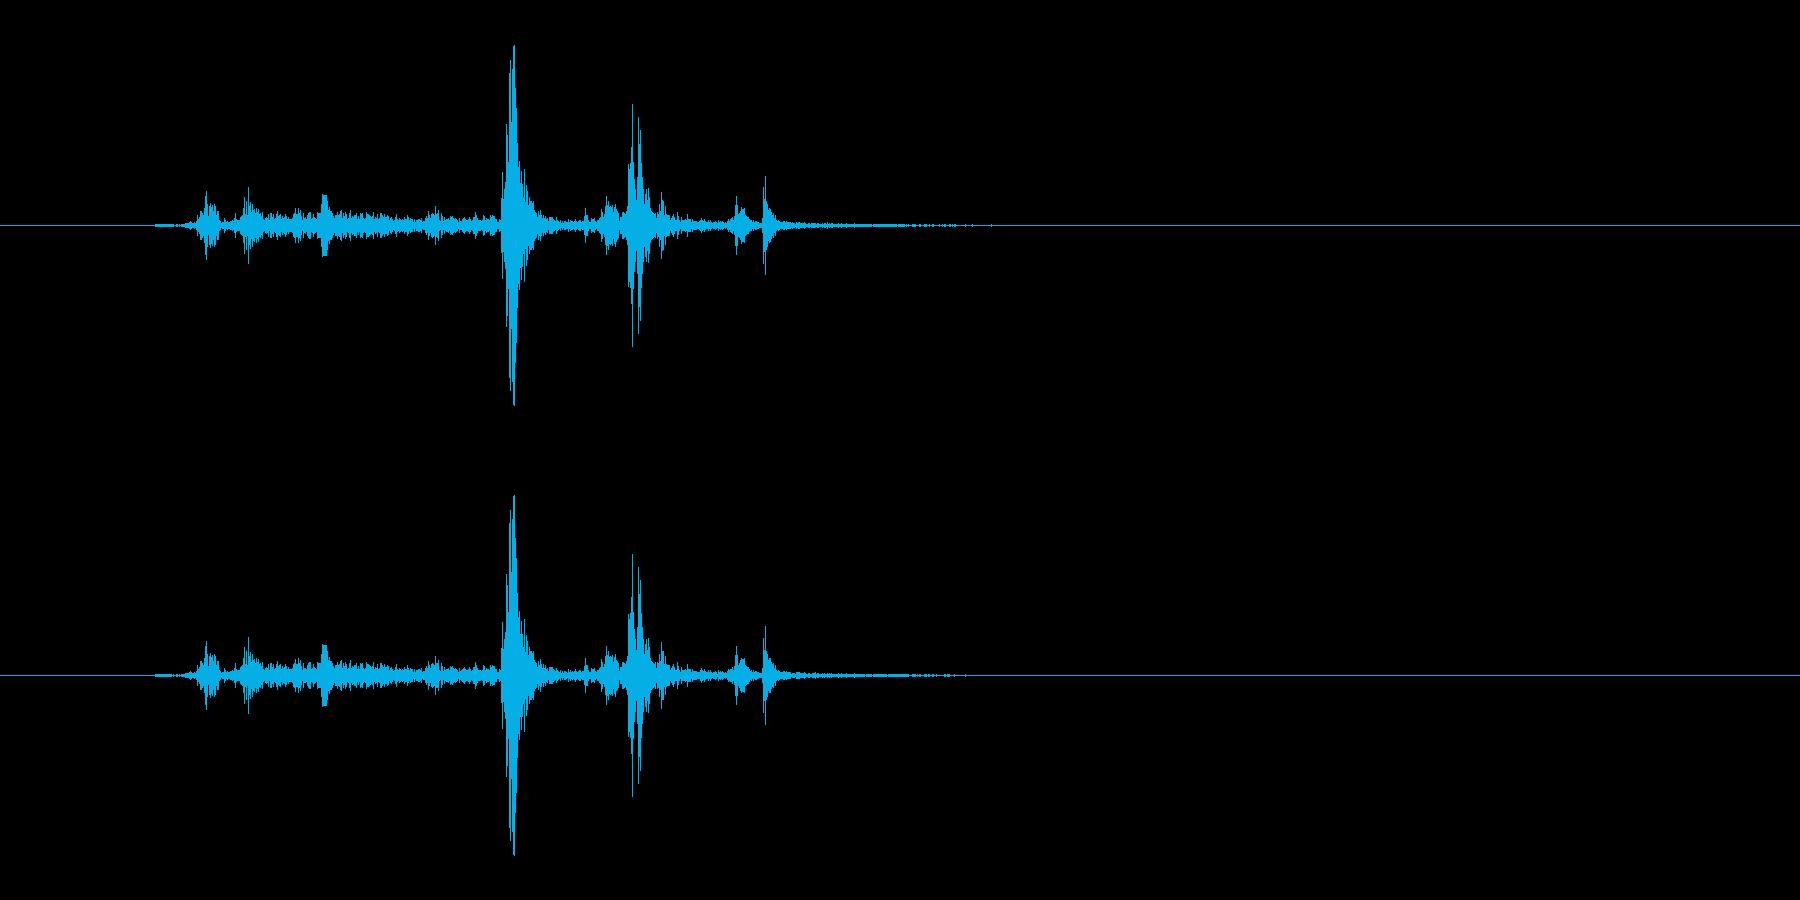 装備/銃・ライフル/FPS/リロード_3の再生済みの波形